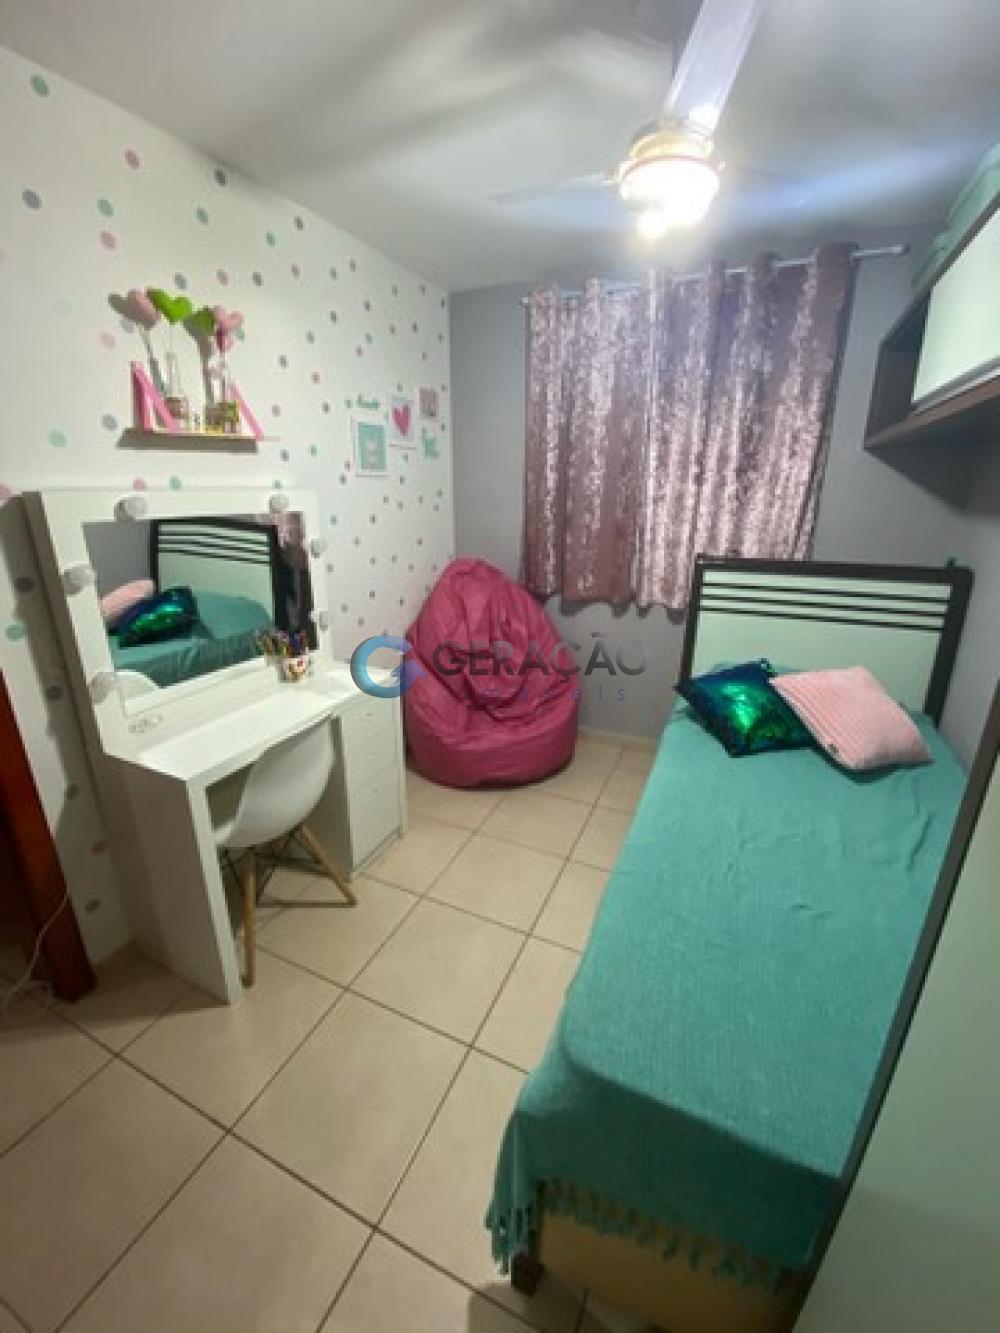 Comprar Apartamento / Padrão em São José dos Campos R$ 300.000,00 - Foto 9